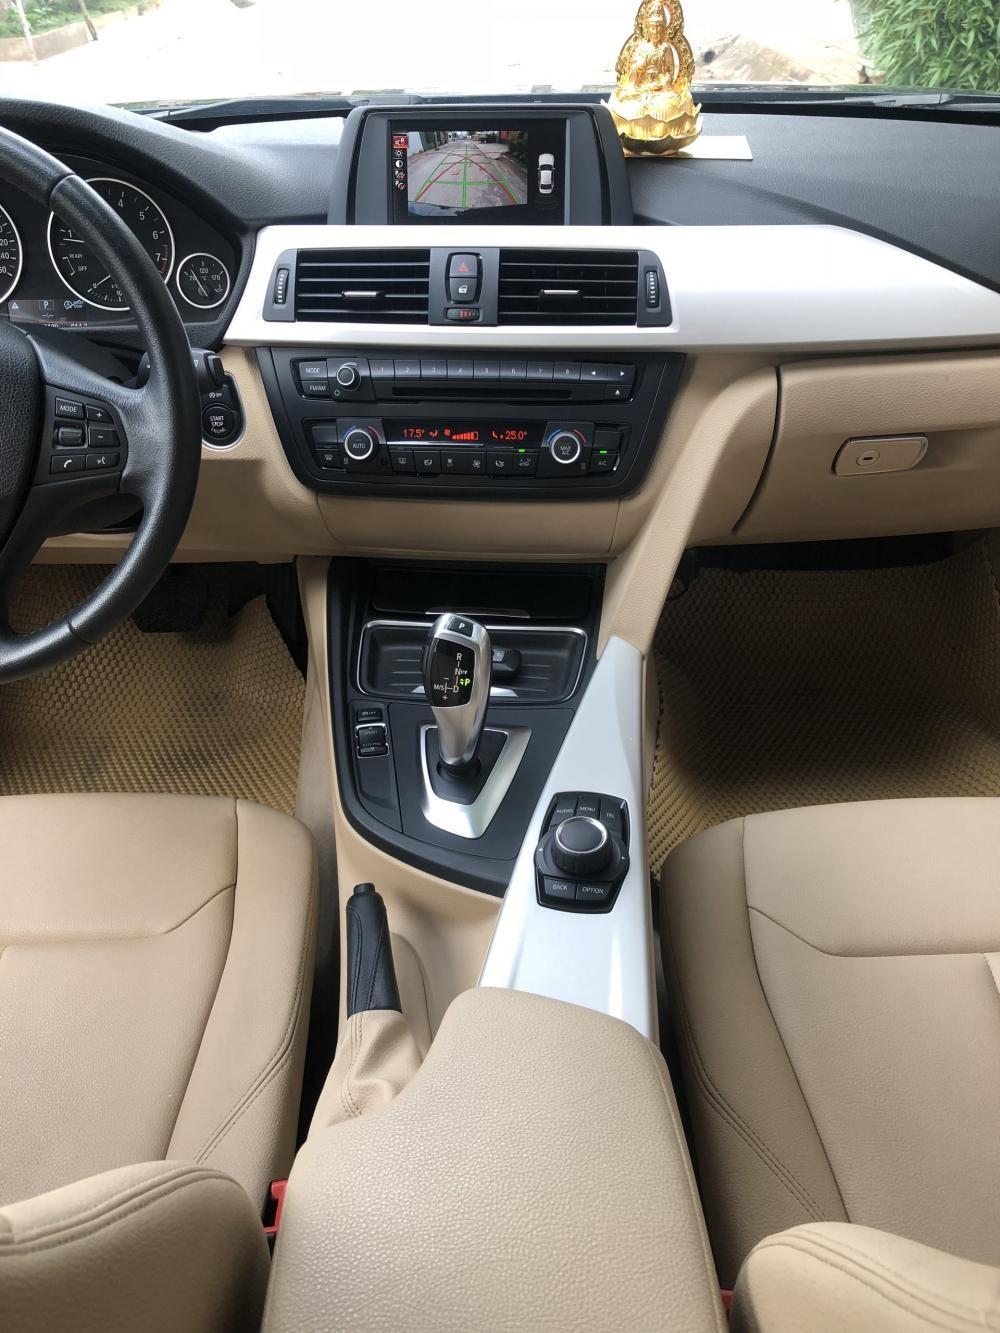 Cần bán xe BMW 3 Series 320i 2015, màu đen, nhập khẩu nguyên chiếc